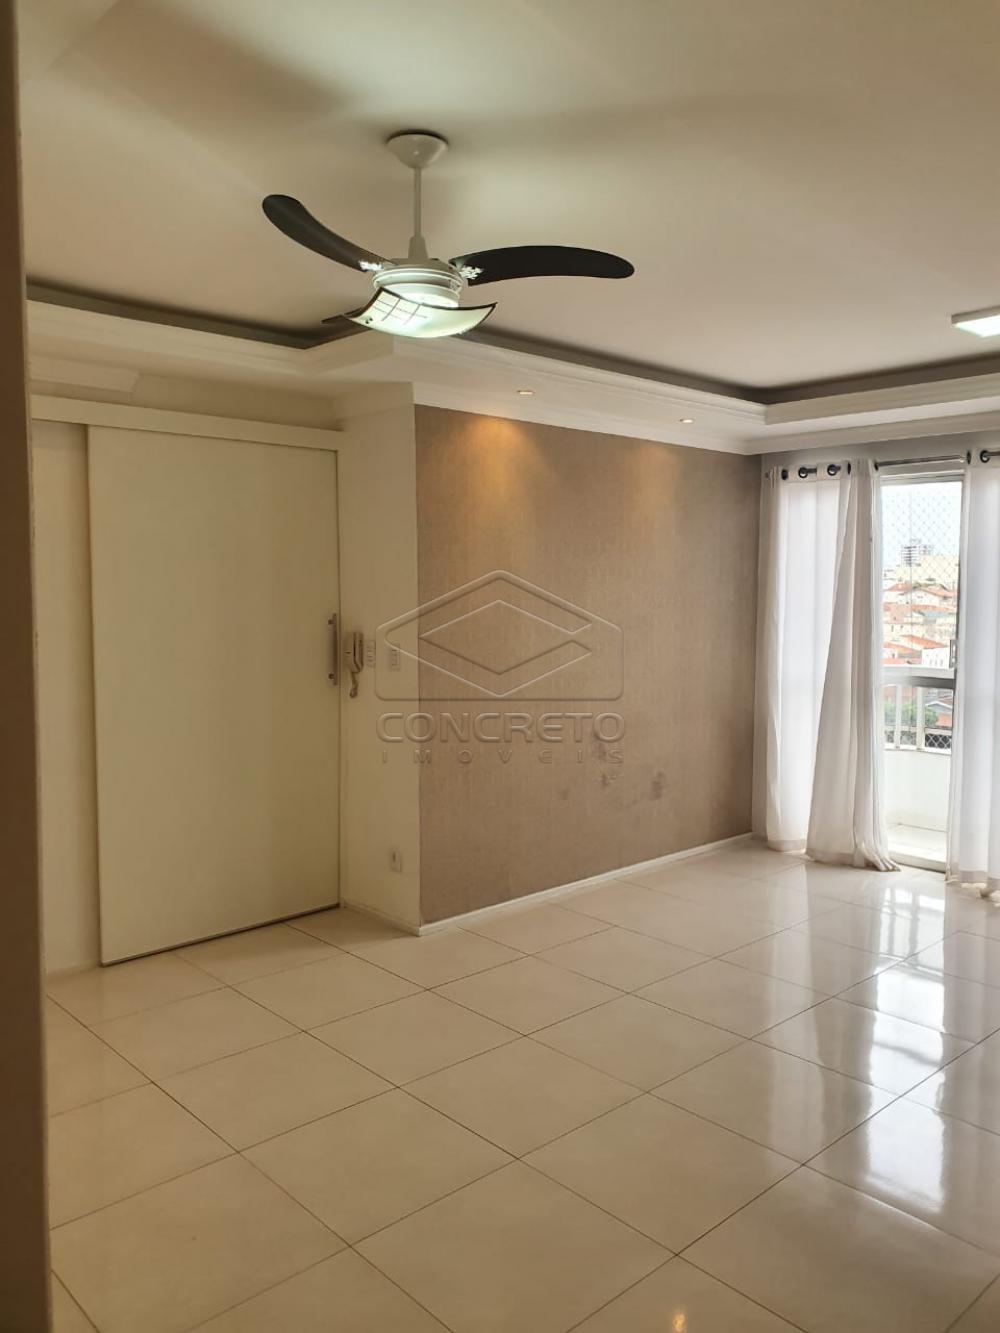 Comprar Apartamento / Padrão em Bauru apenas R$ 400.000,00 - Foto 20